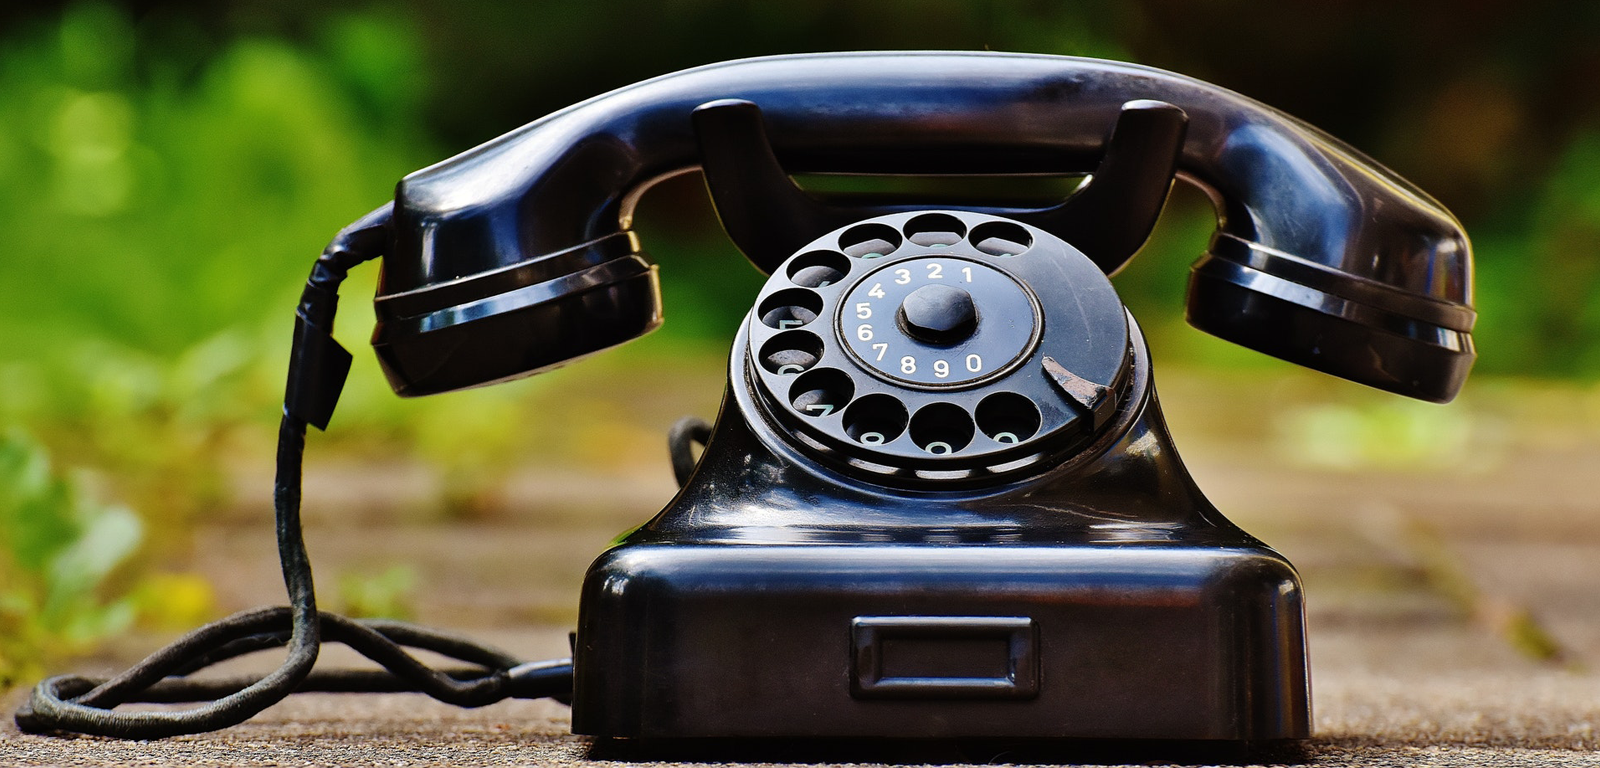 Telefoontjes van Het Beheer / De Netbeheerder niet afkomstig van uw netbeheerder